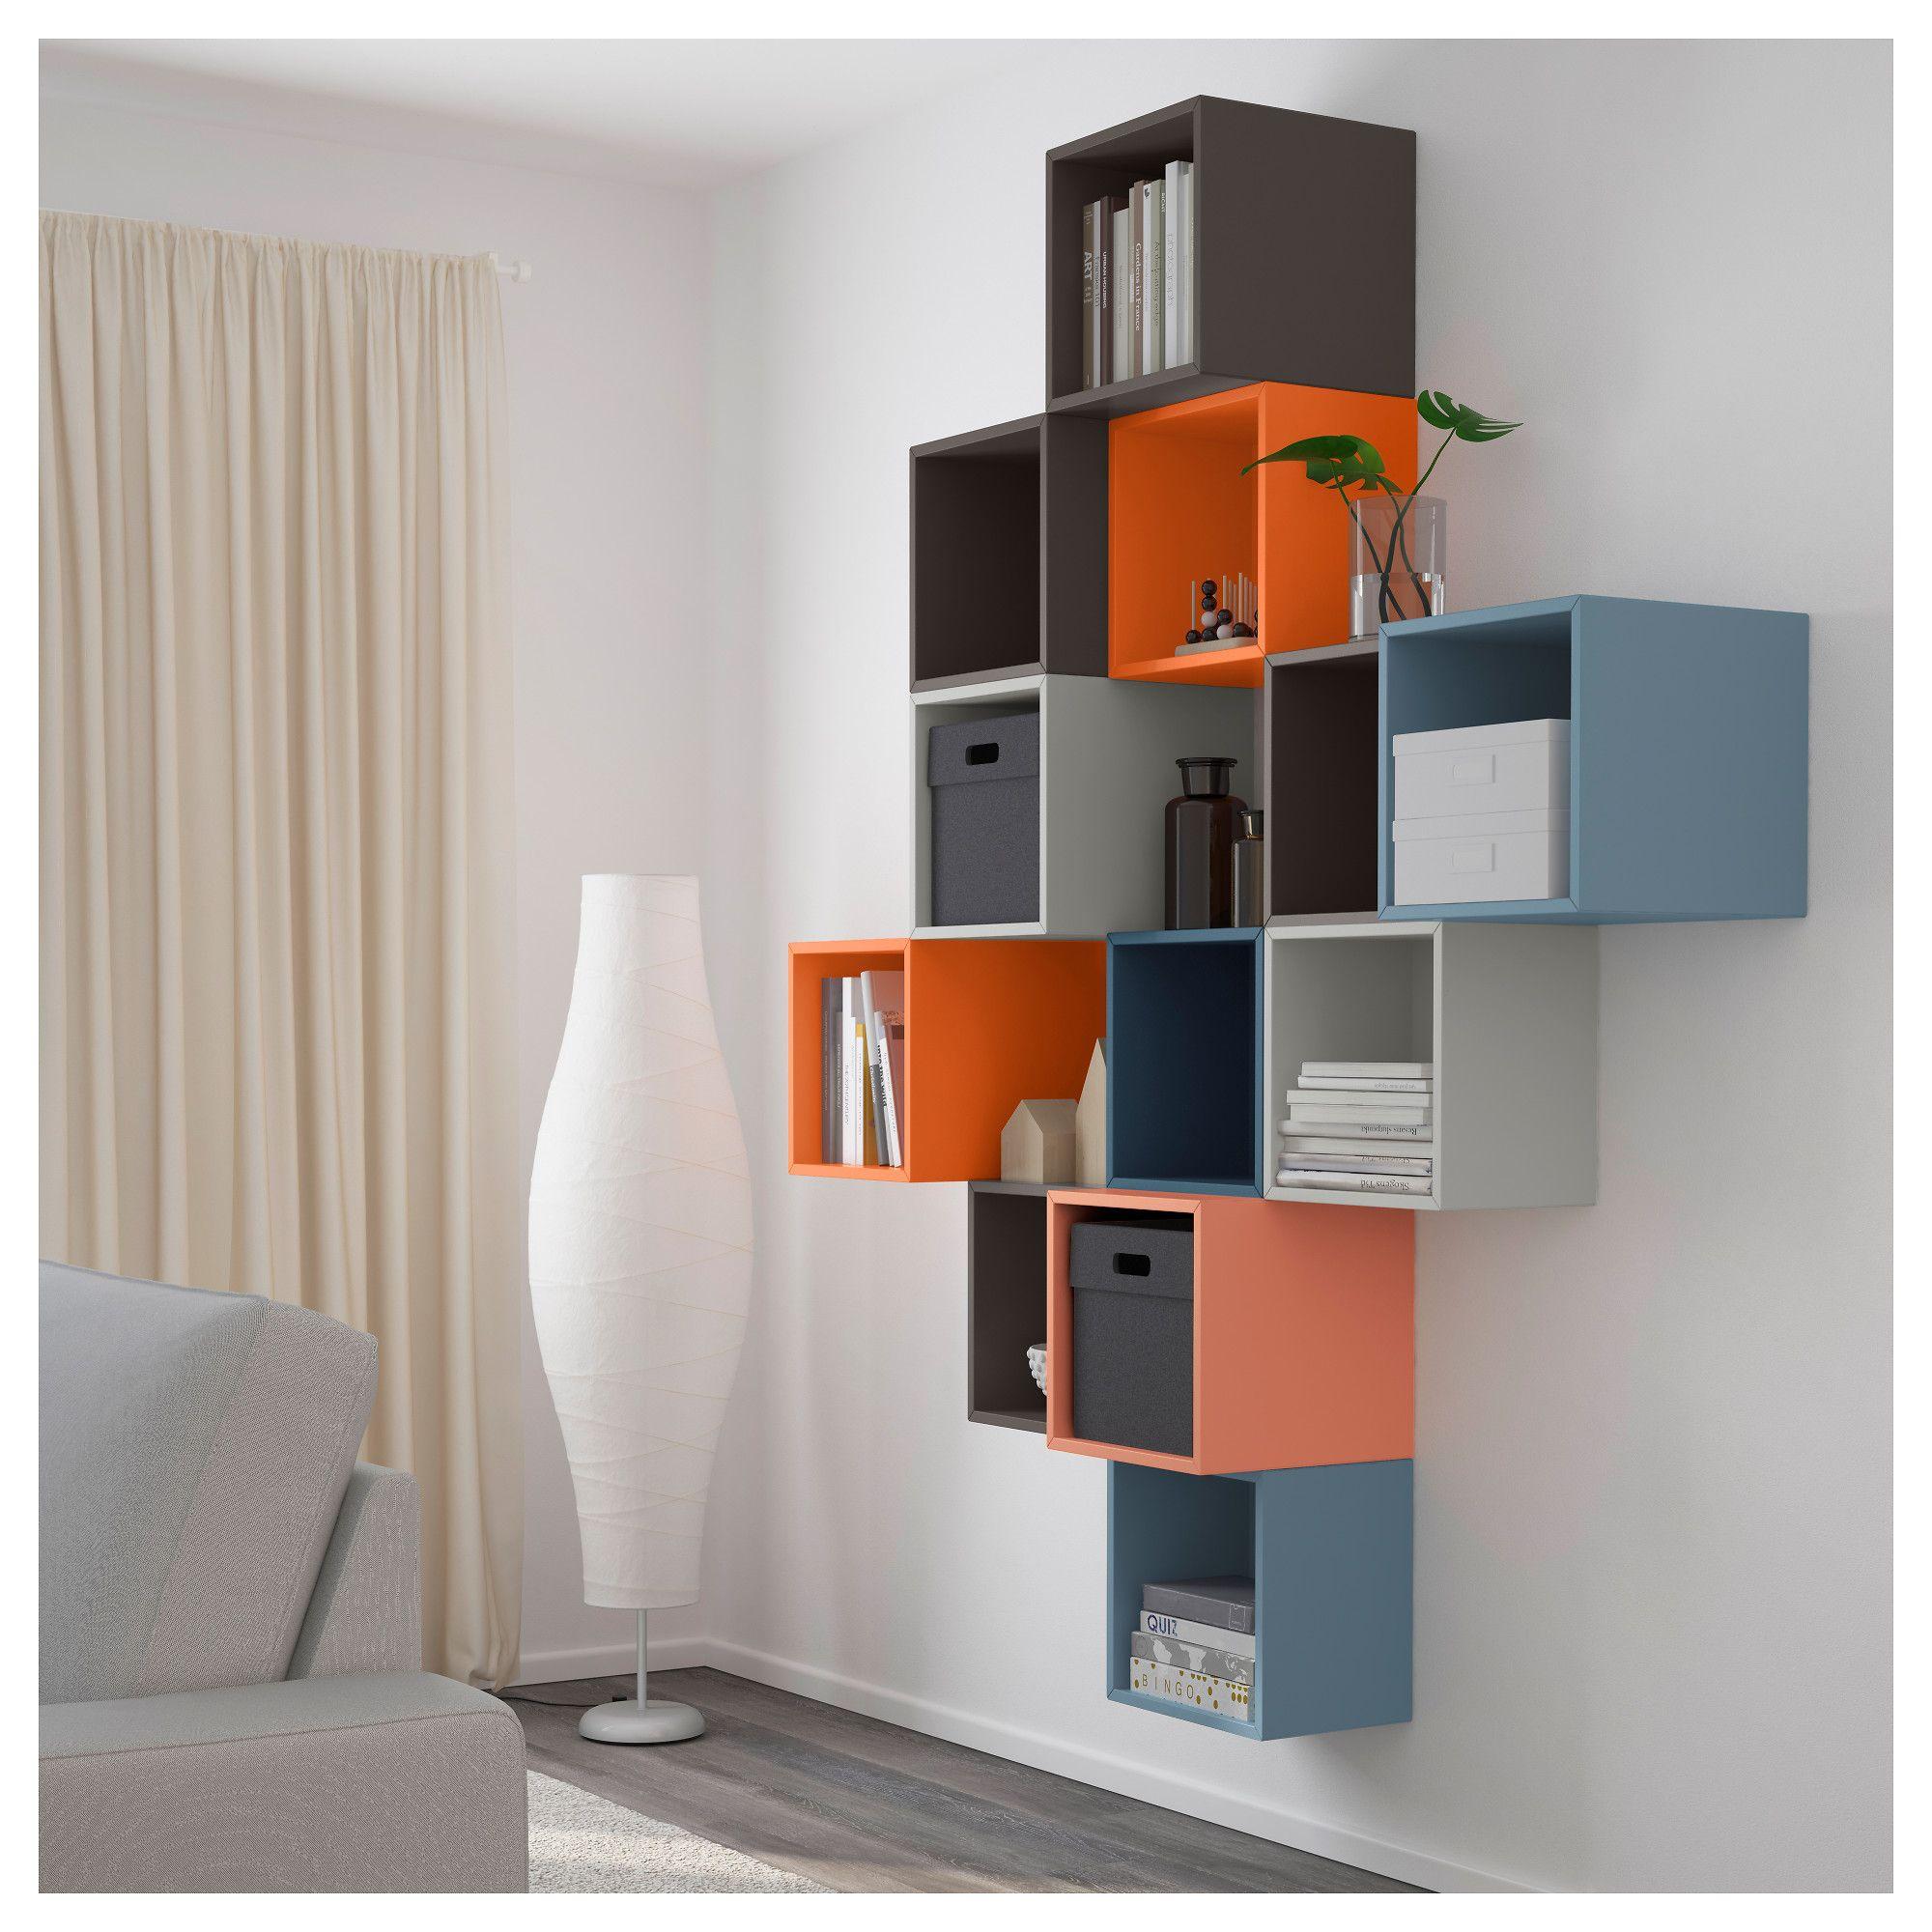 Ikea экет комбинация настенных шкафов разноцветный